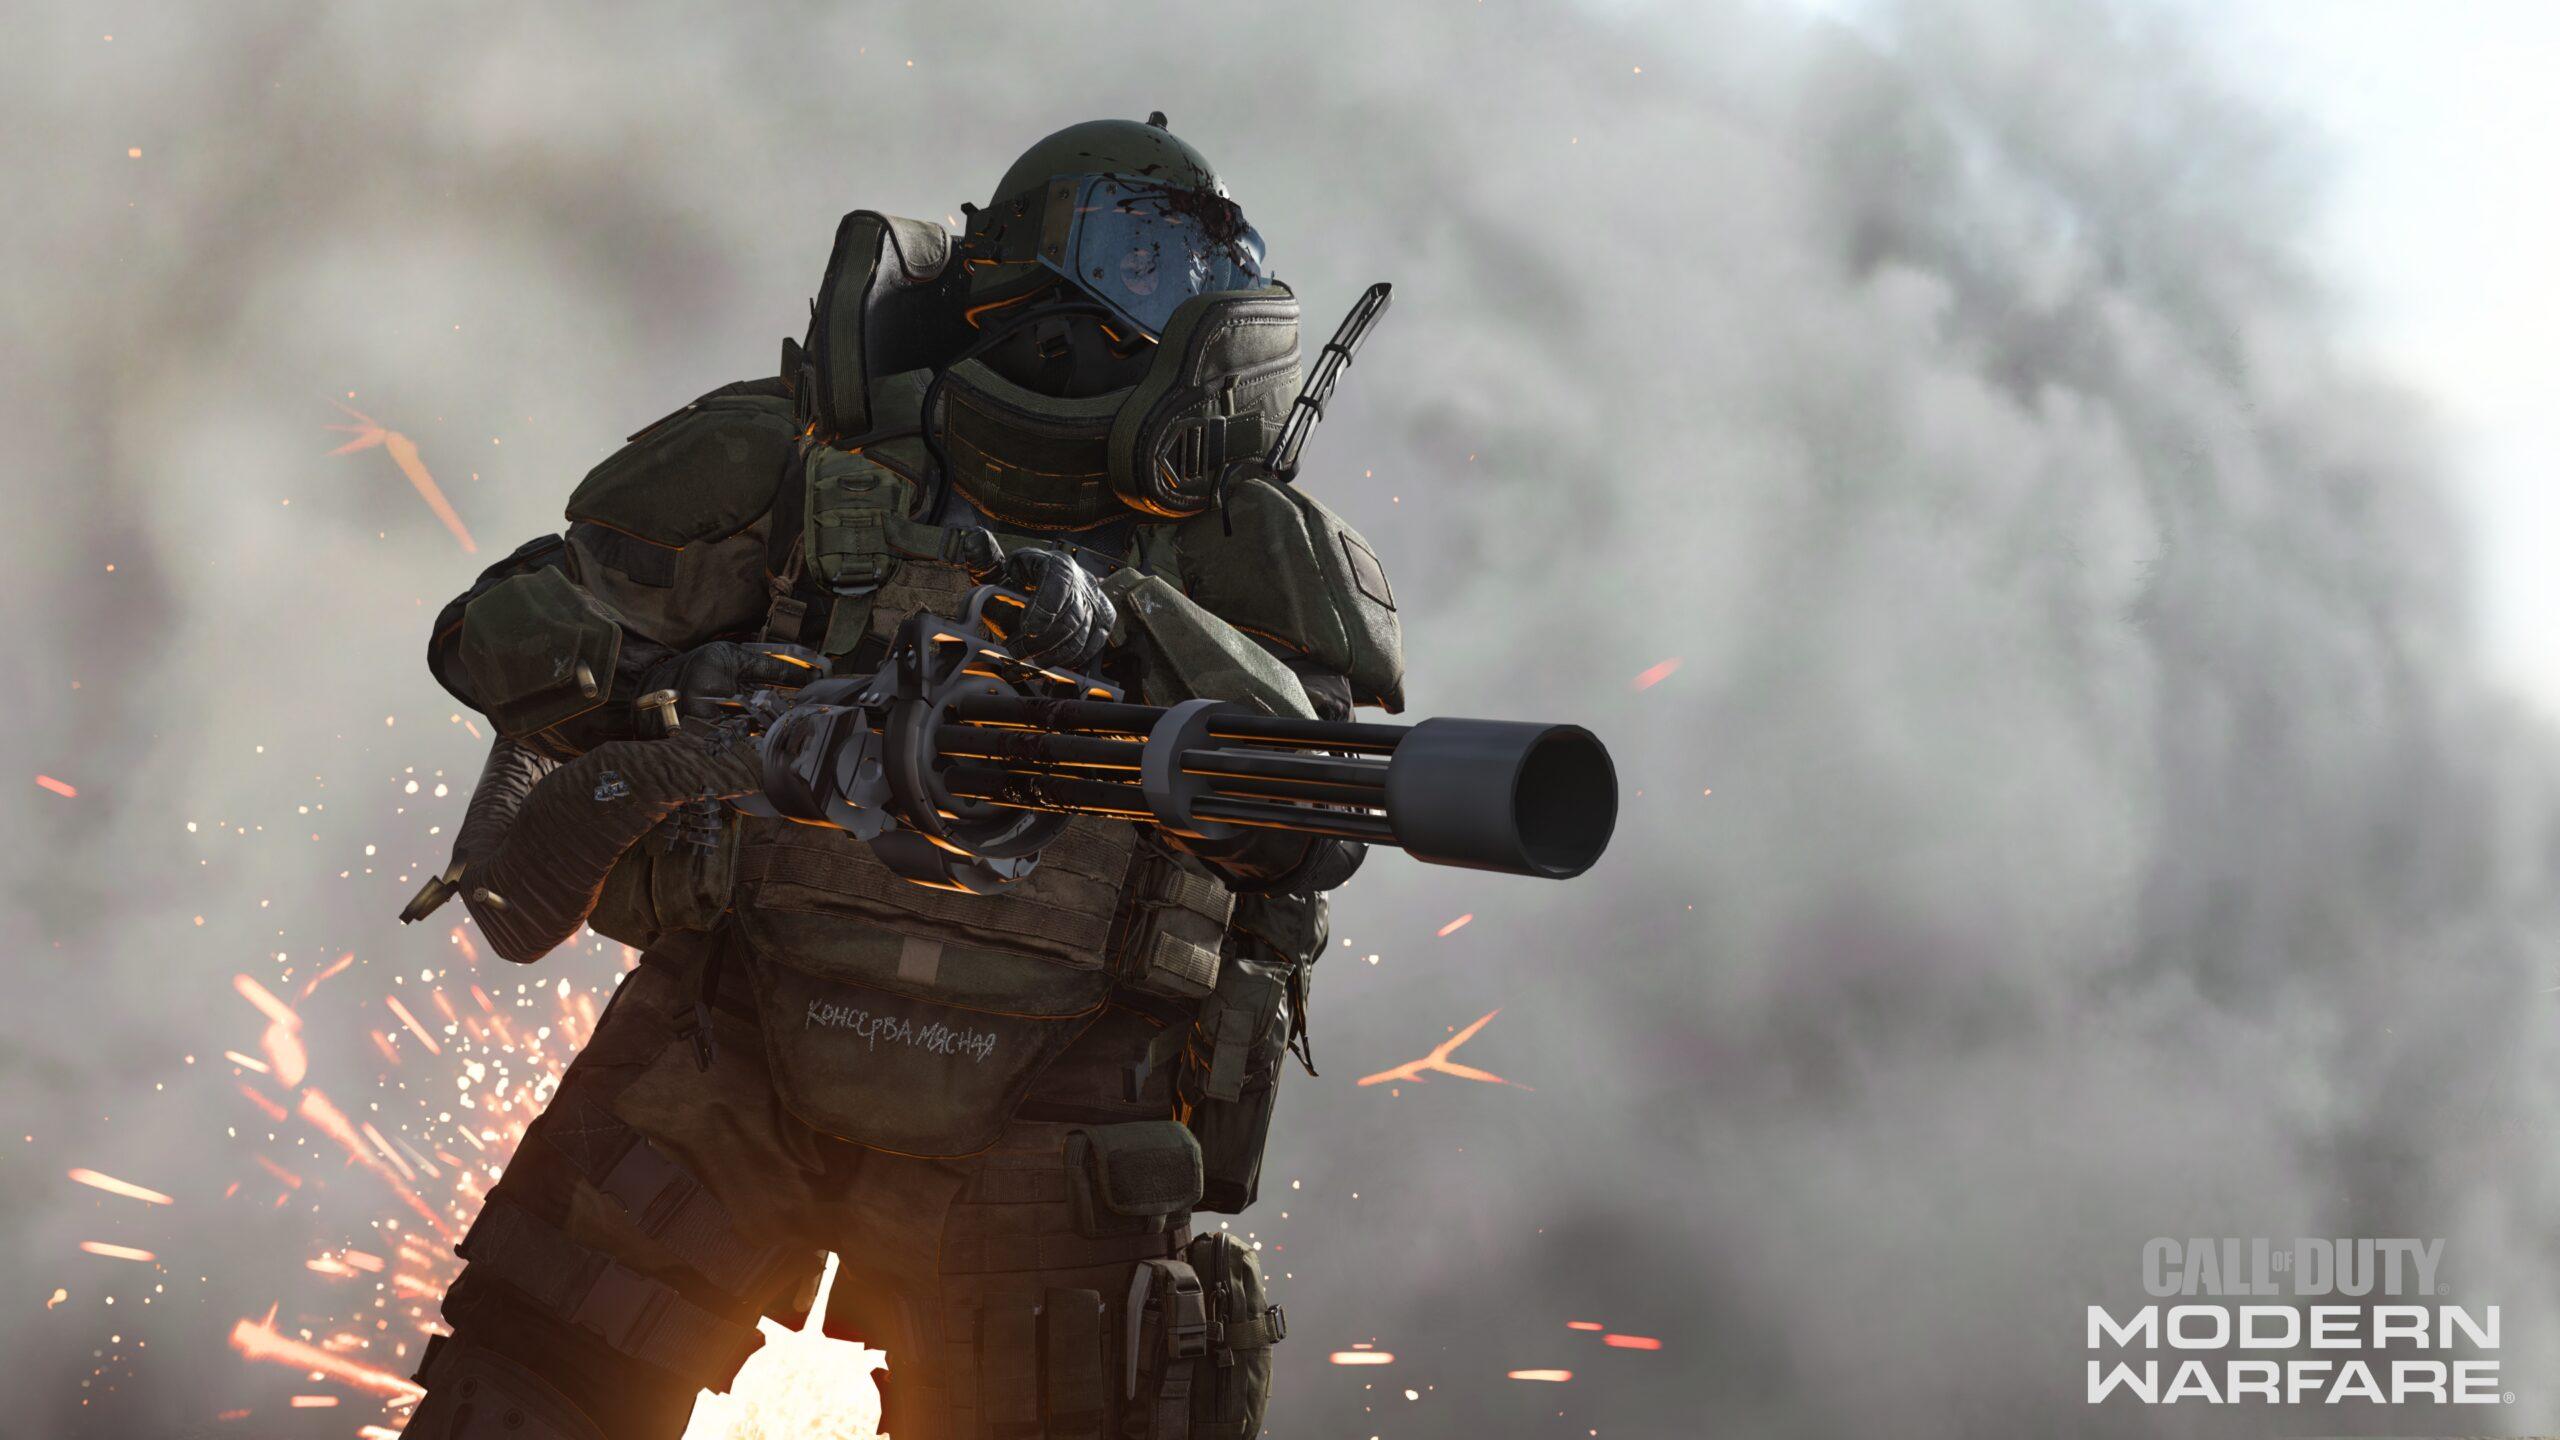 Call-of-Duty-Modern-Warfare_2019_10-08-19_001